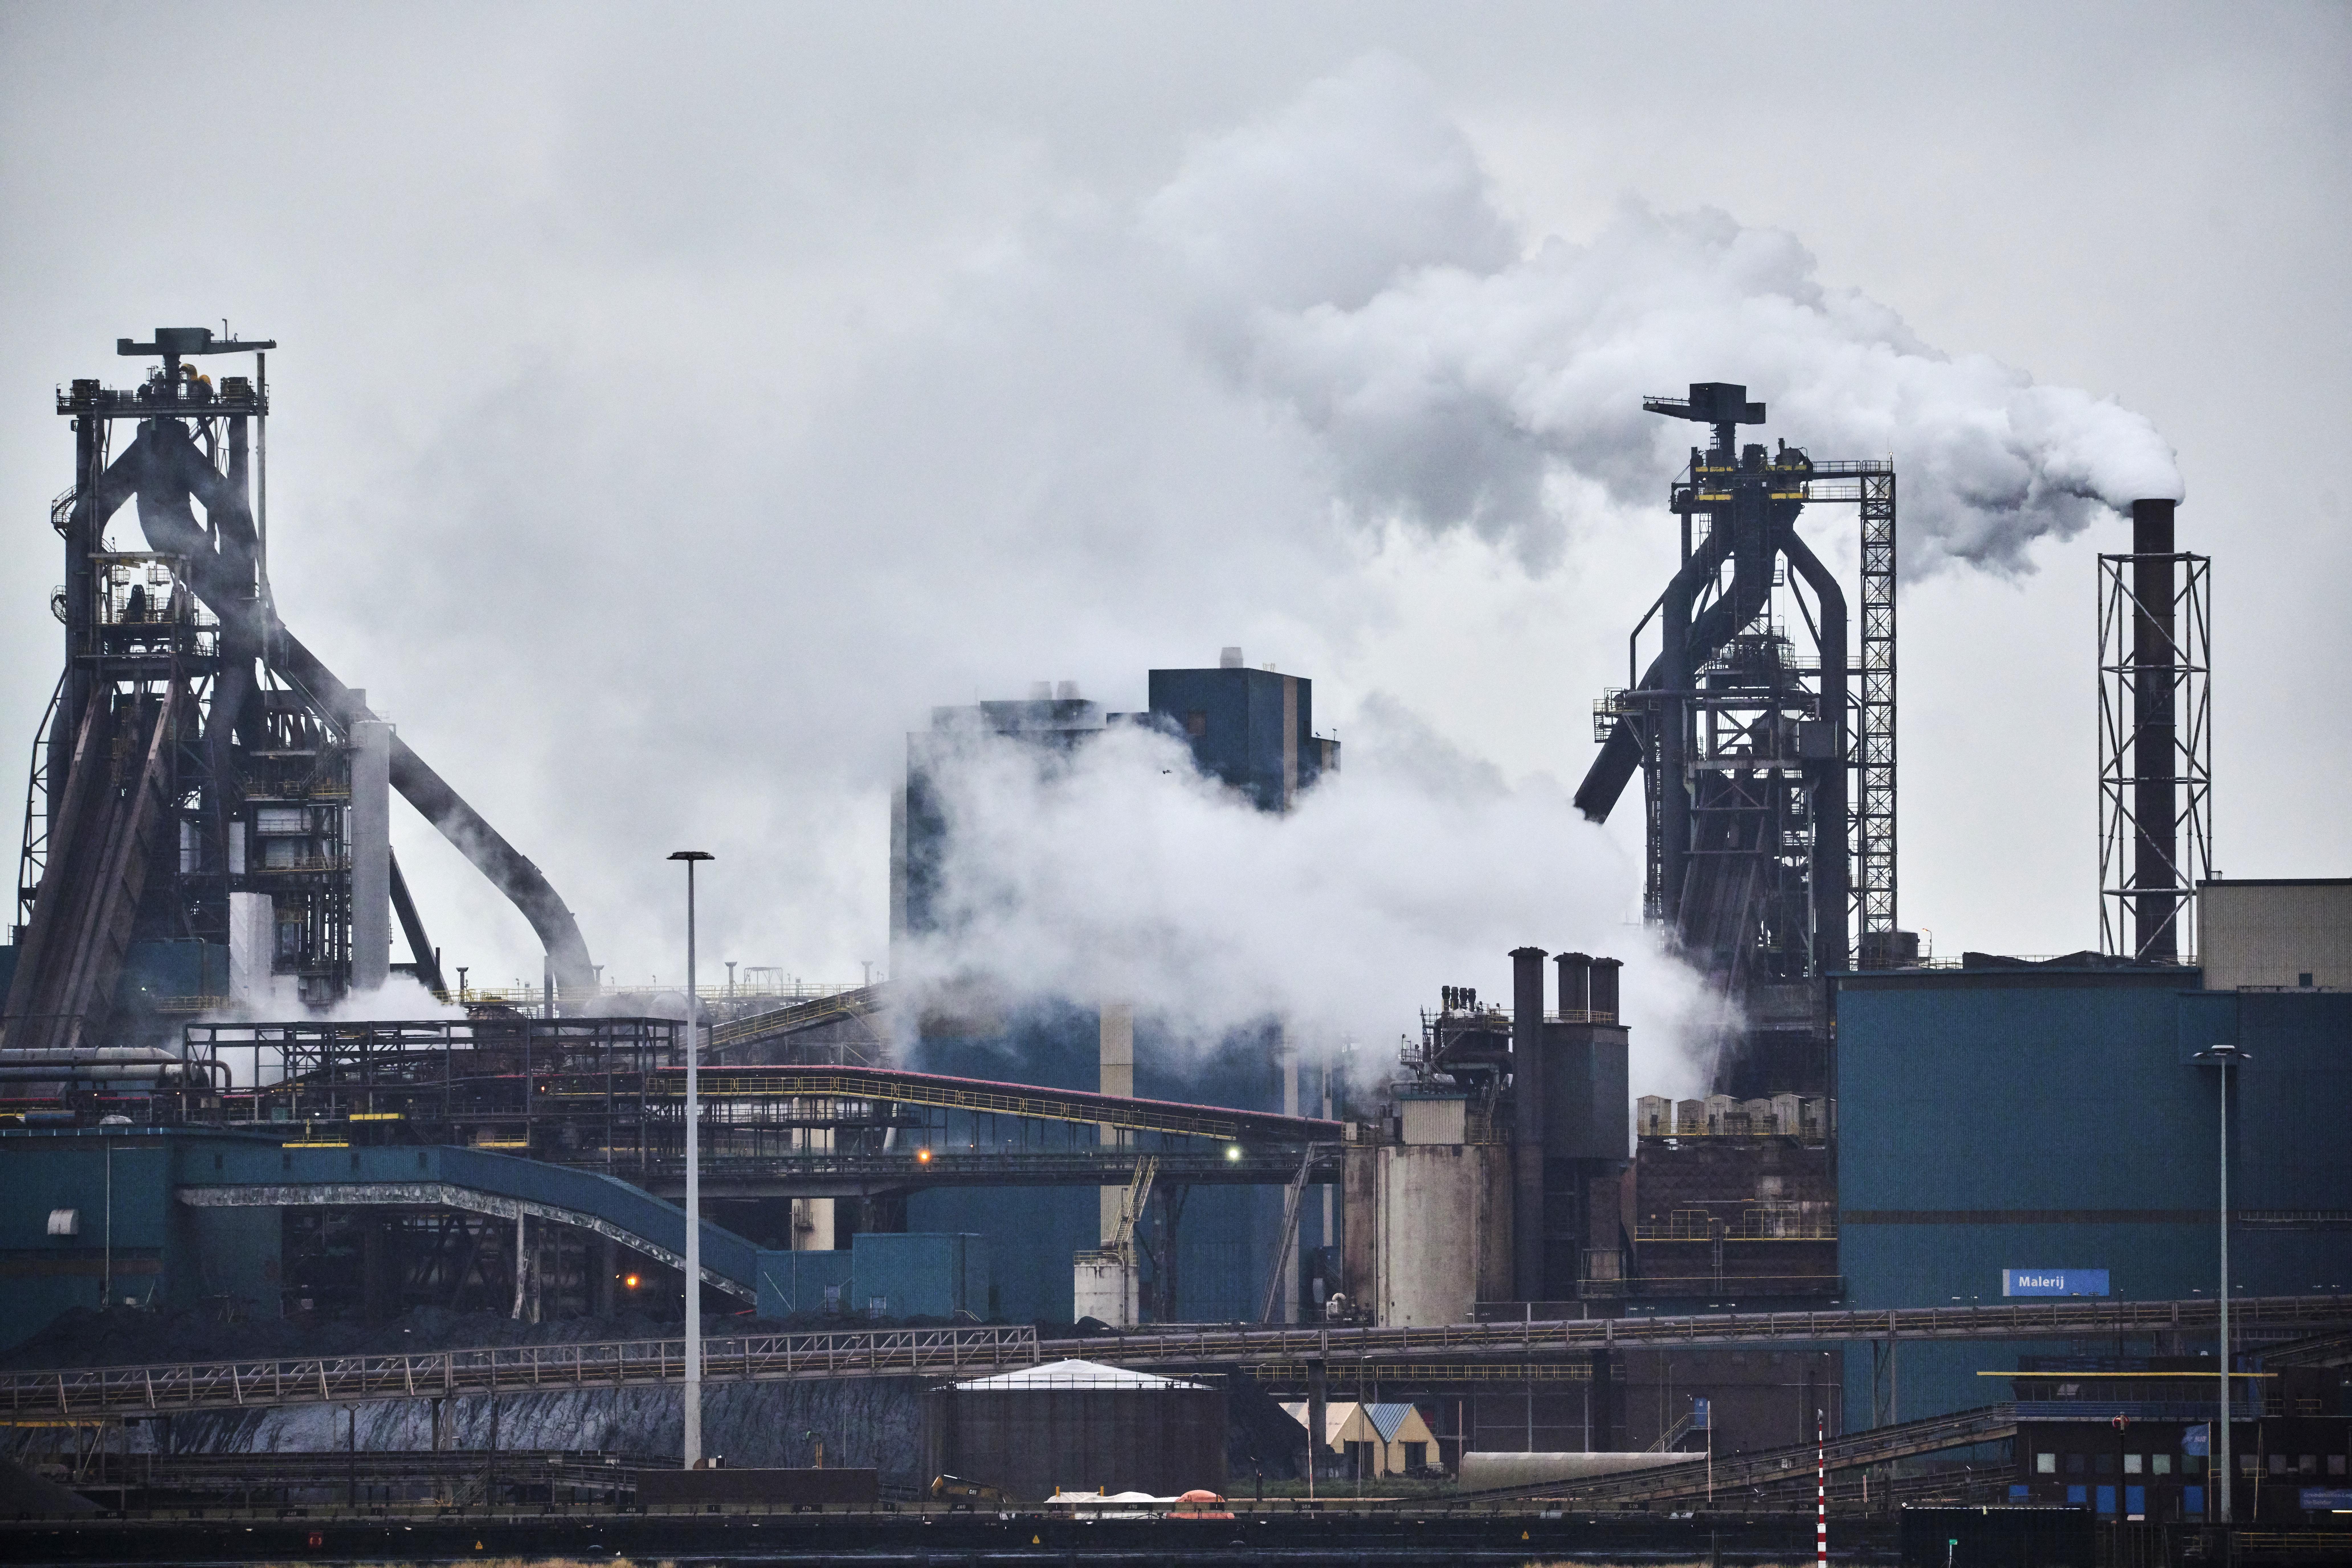 Droomdeal Tata Steel vertraagd; scheiding Britse en Nederlandse deel ingewikkelde puzzel